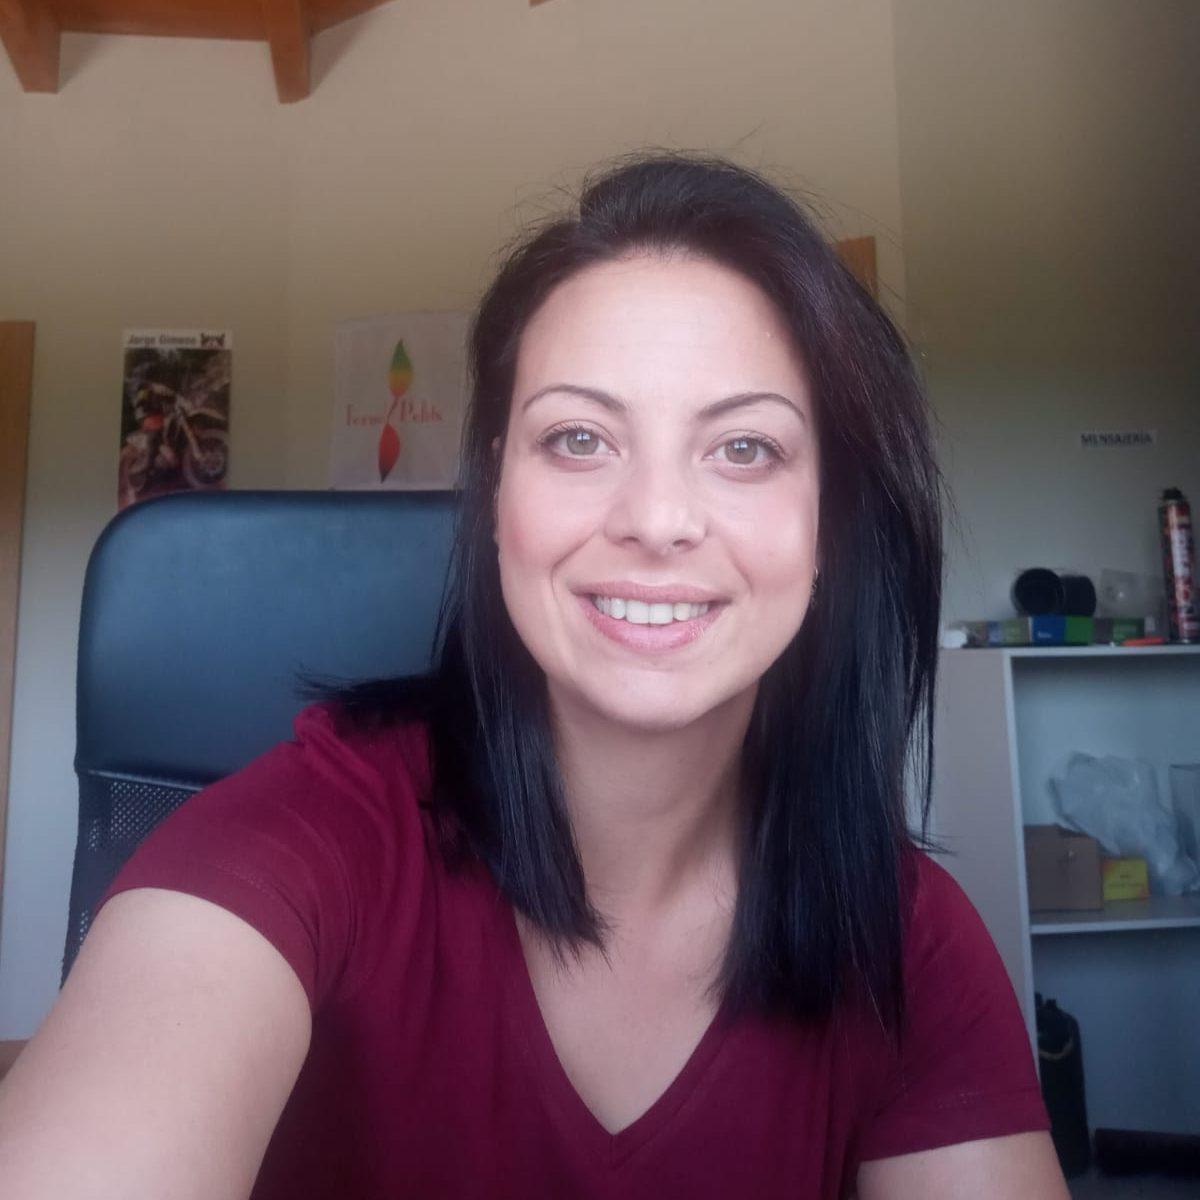 Natalia Menendez